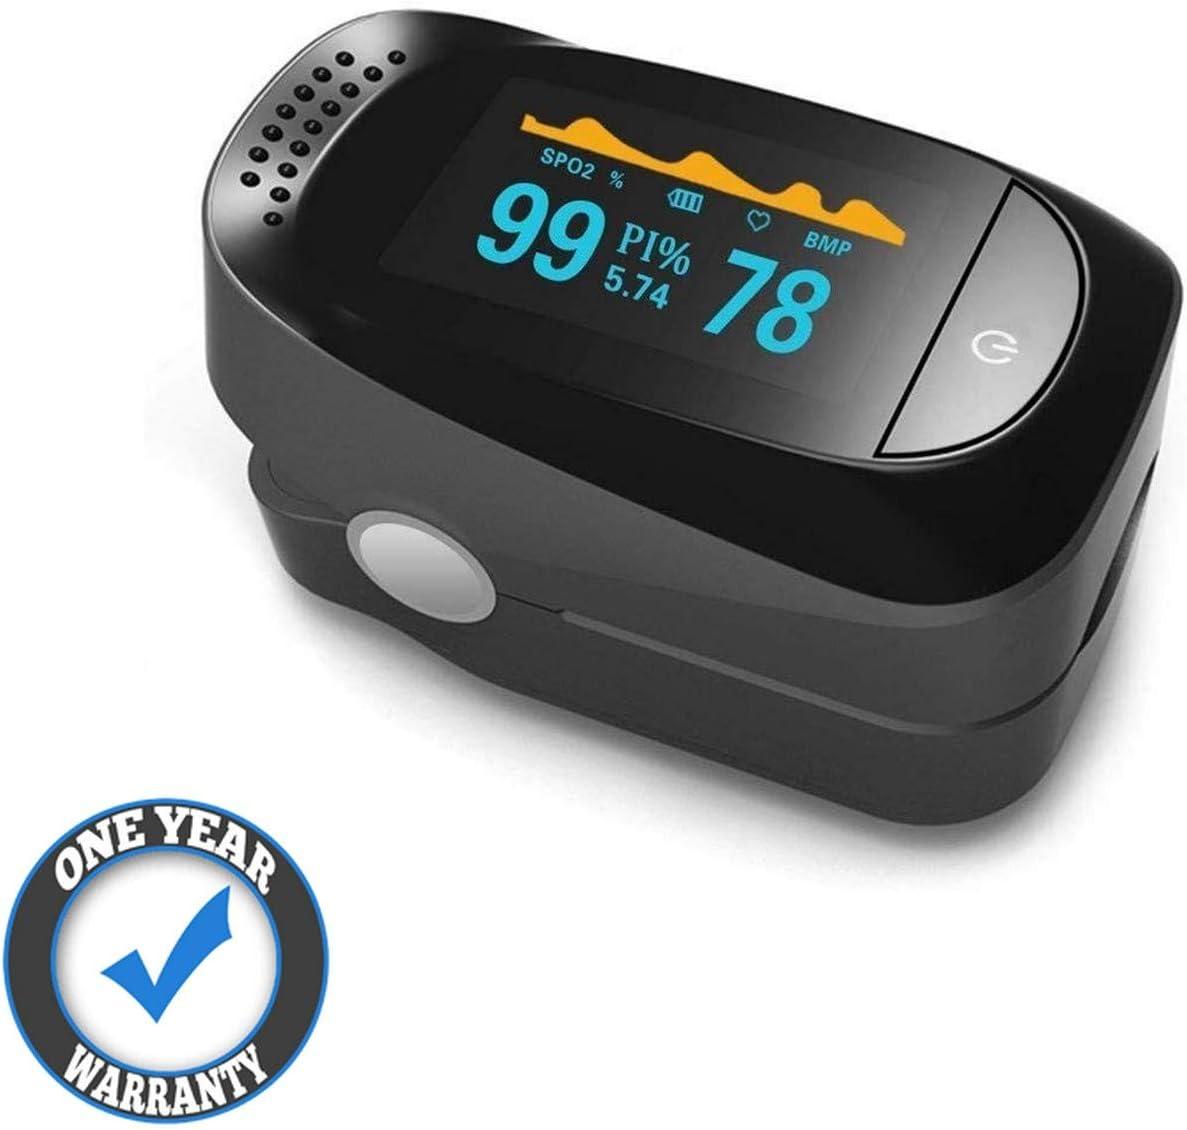 Qootec Oxímetro de Pulso,Pulsioxímetro con Pantalla OLED, Oxímetro con función de Alarma, Saturación de Oxígeno en la Sangre (Sp02) EU022 …